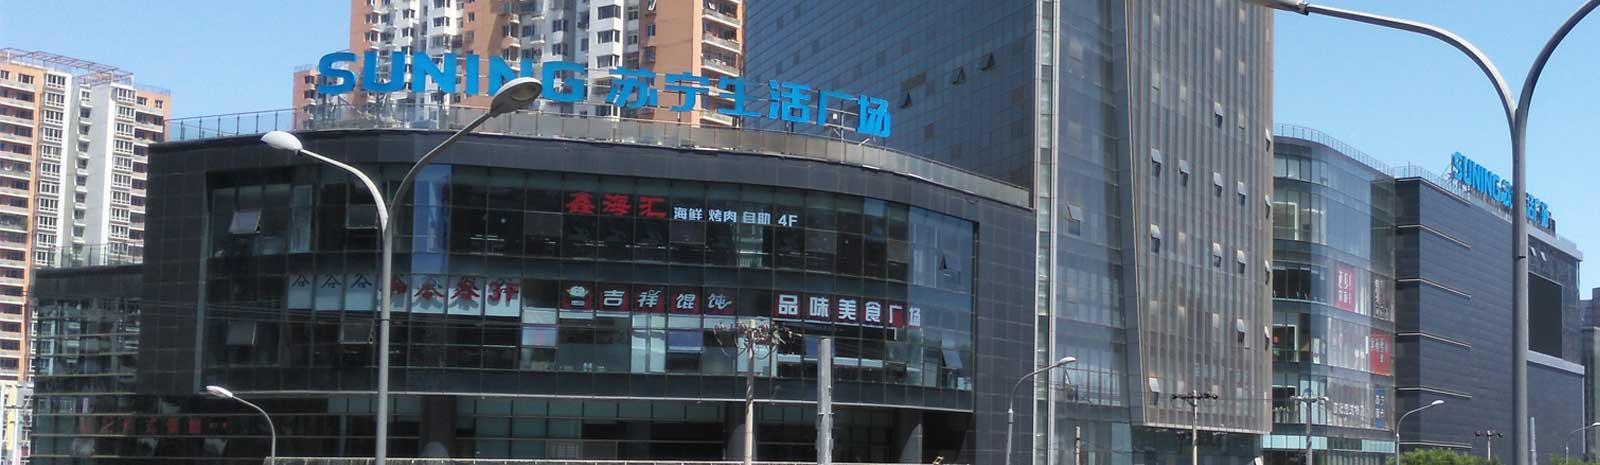 【北京家電レポート】Vol.5 北京蘇寧生活広場1号店体験レポート